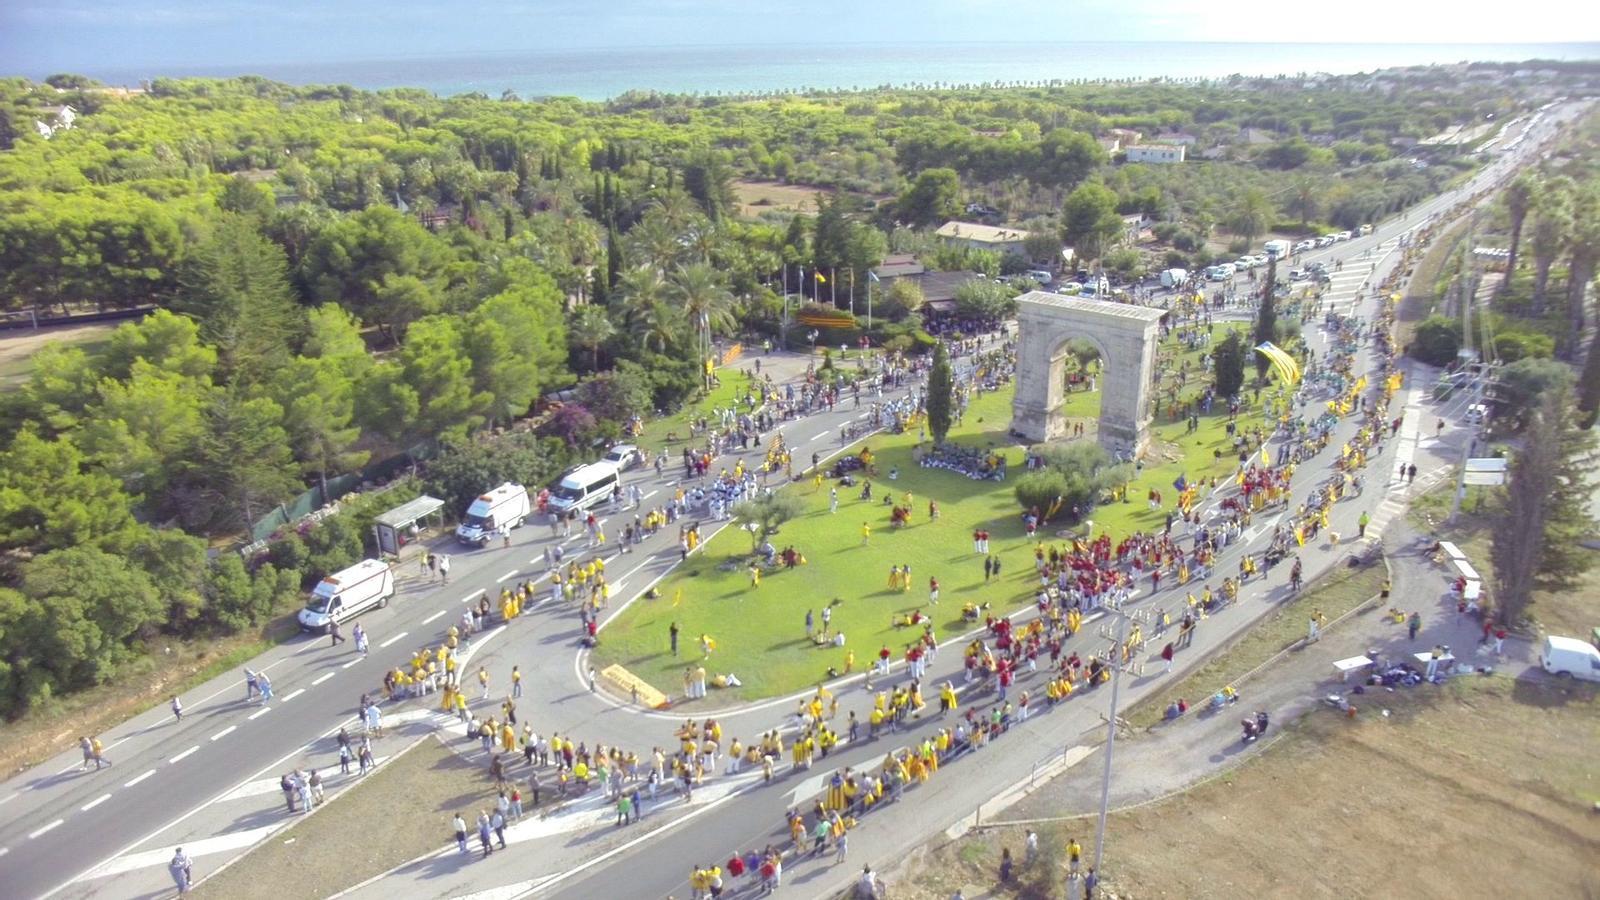 La Via Catalana i els castellers, a vista d'ocell a l'Arc de Berà